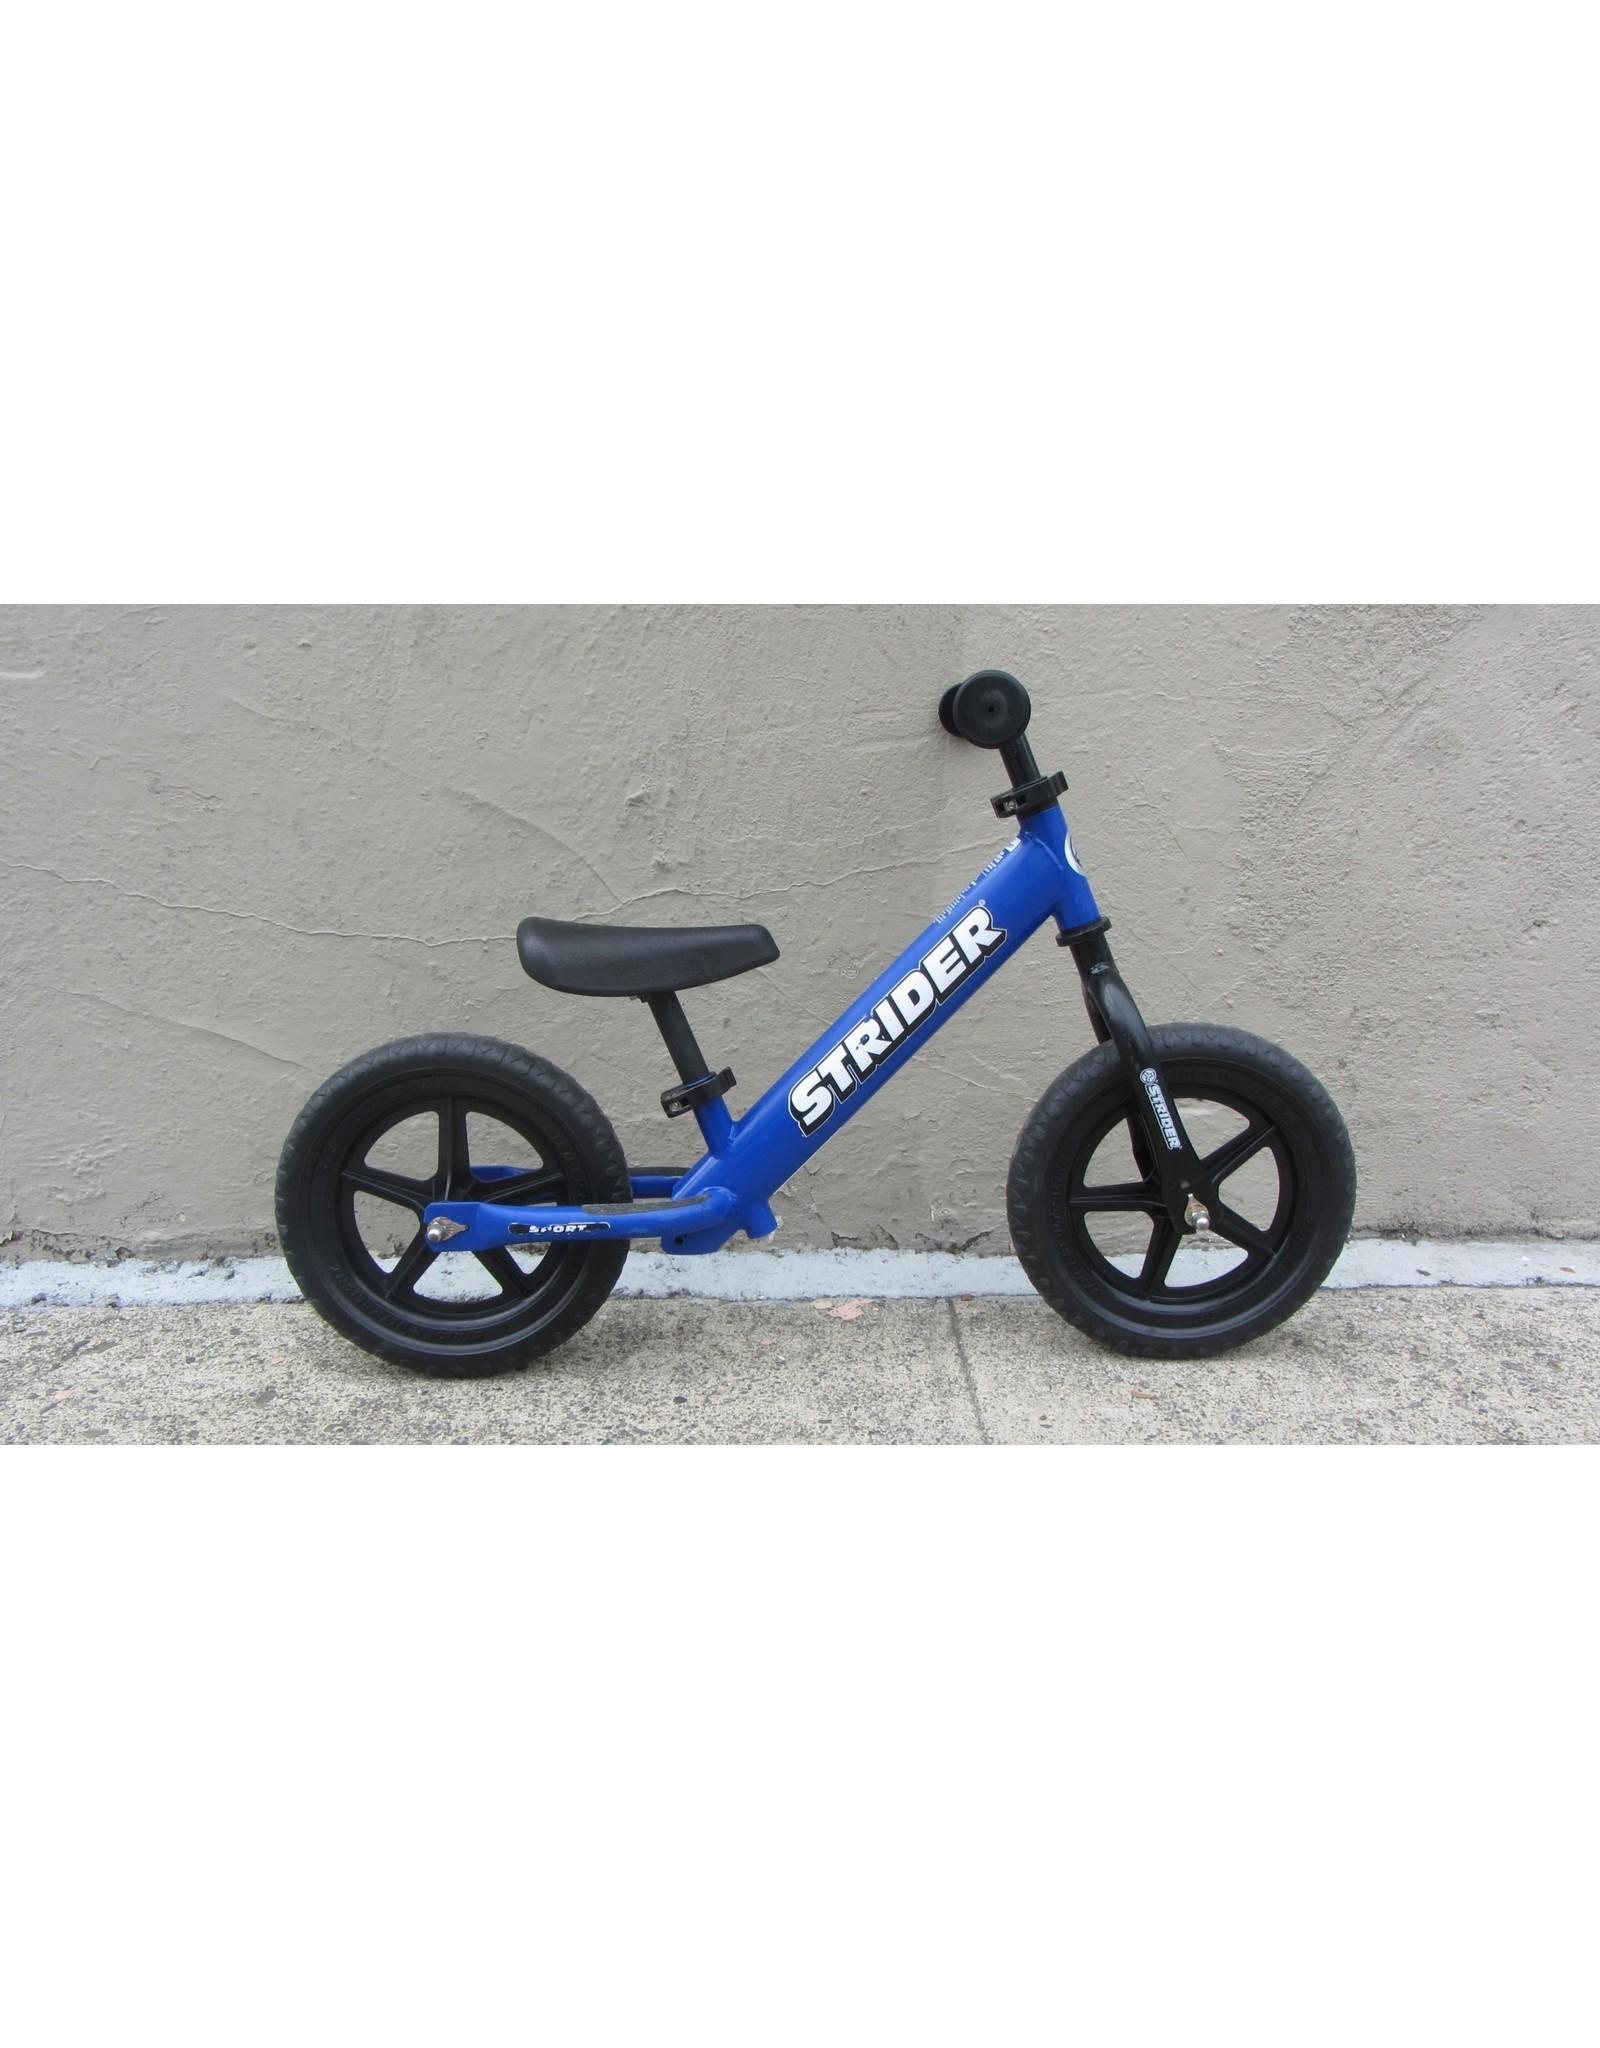 Strider Strider 12 Sport Balance Bike, Blue